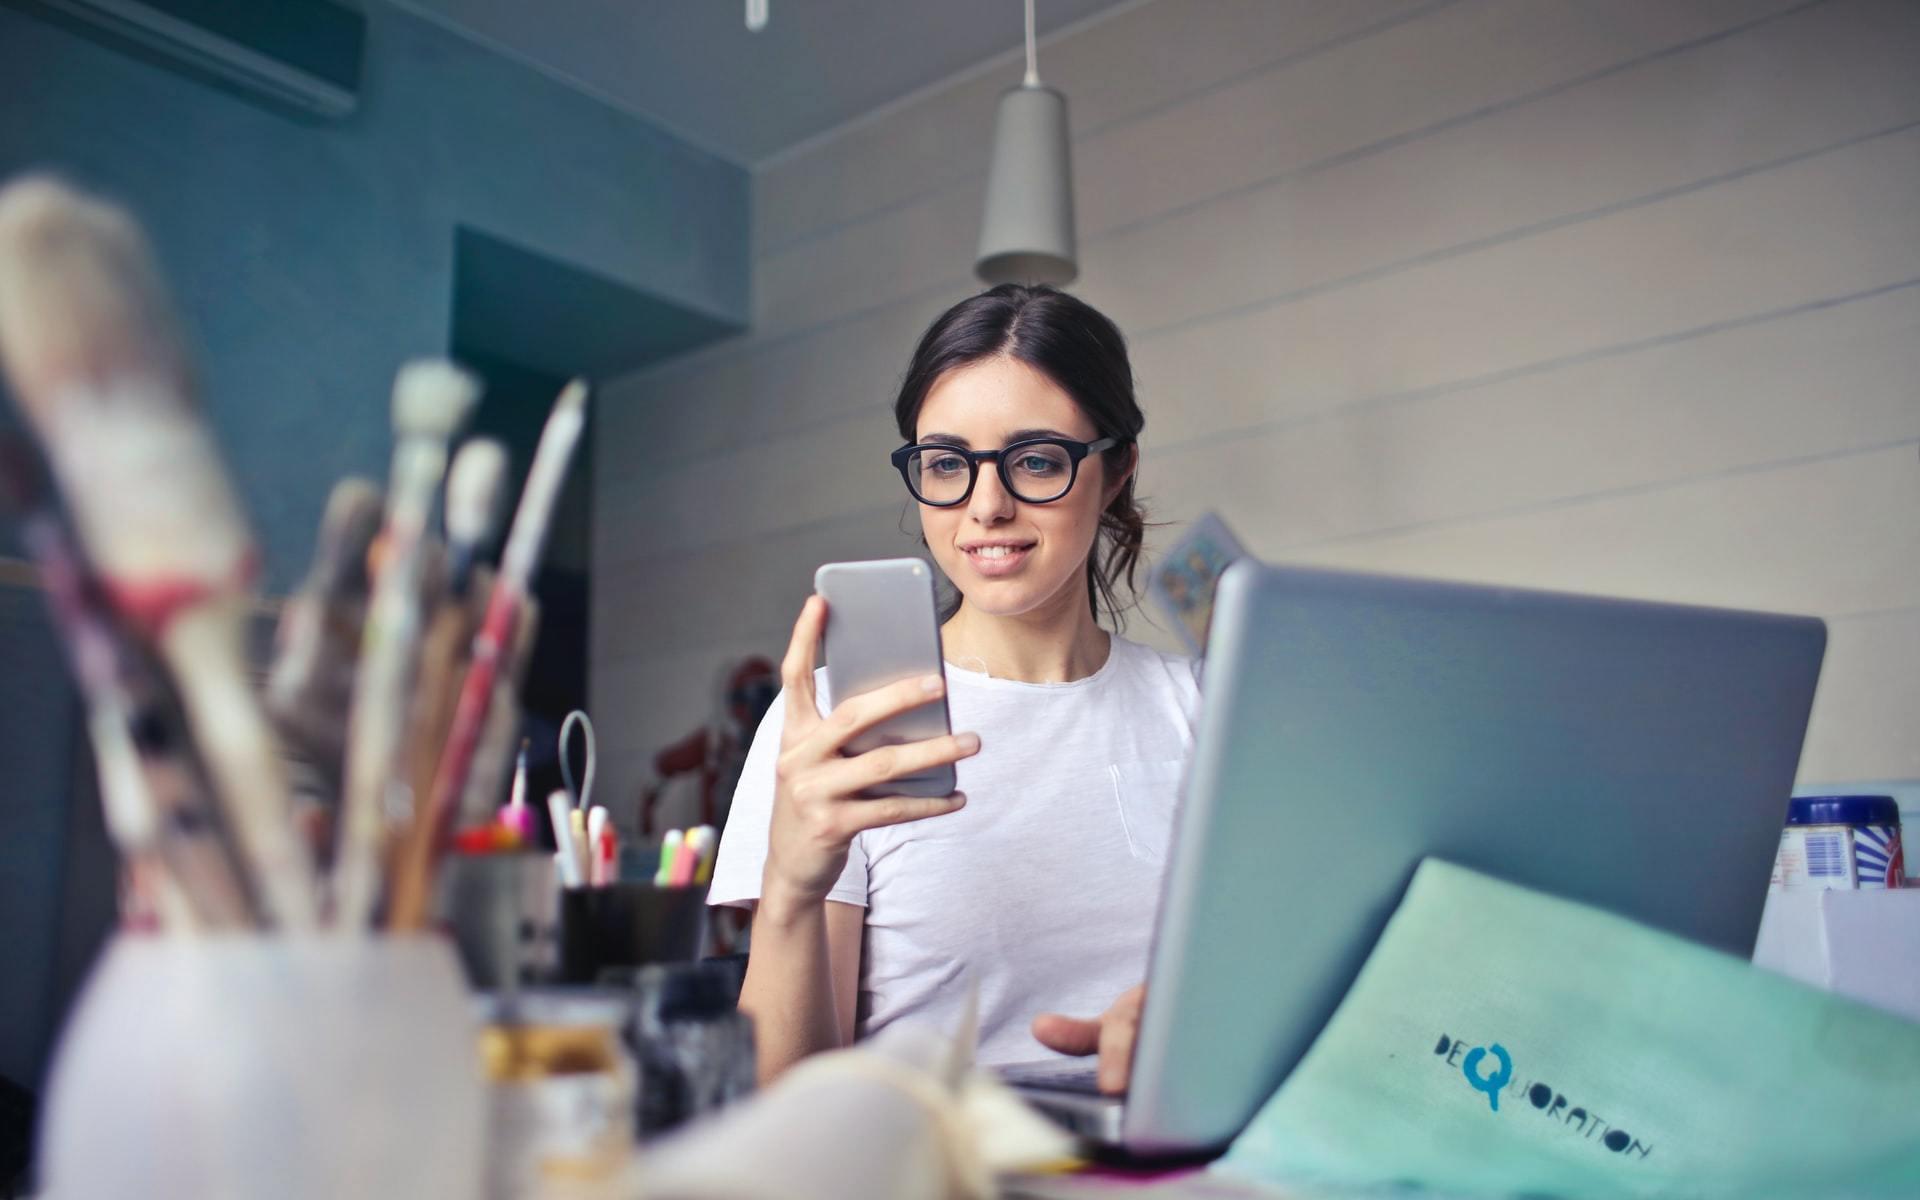 déconnecter en gérant efficacement ses réseaux sociaux cover